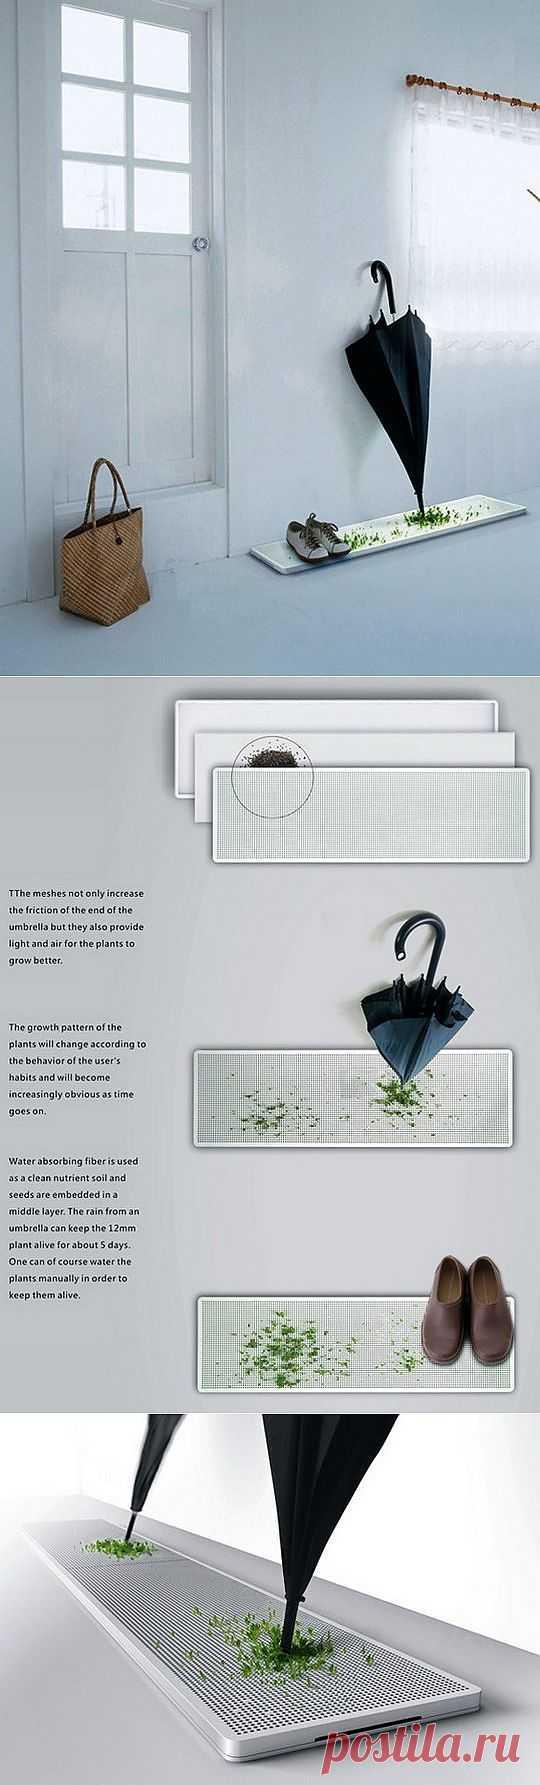 Зелень от от Junjie Zhang / Лайфхаки / Модный сайт о стильной переделке одежды и интерьера